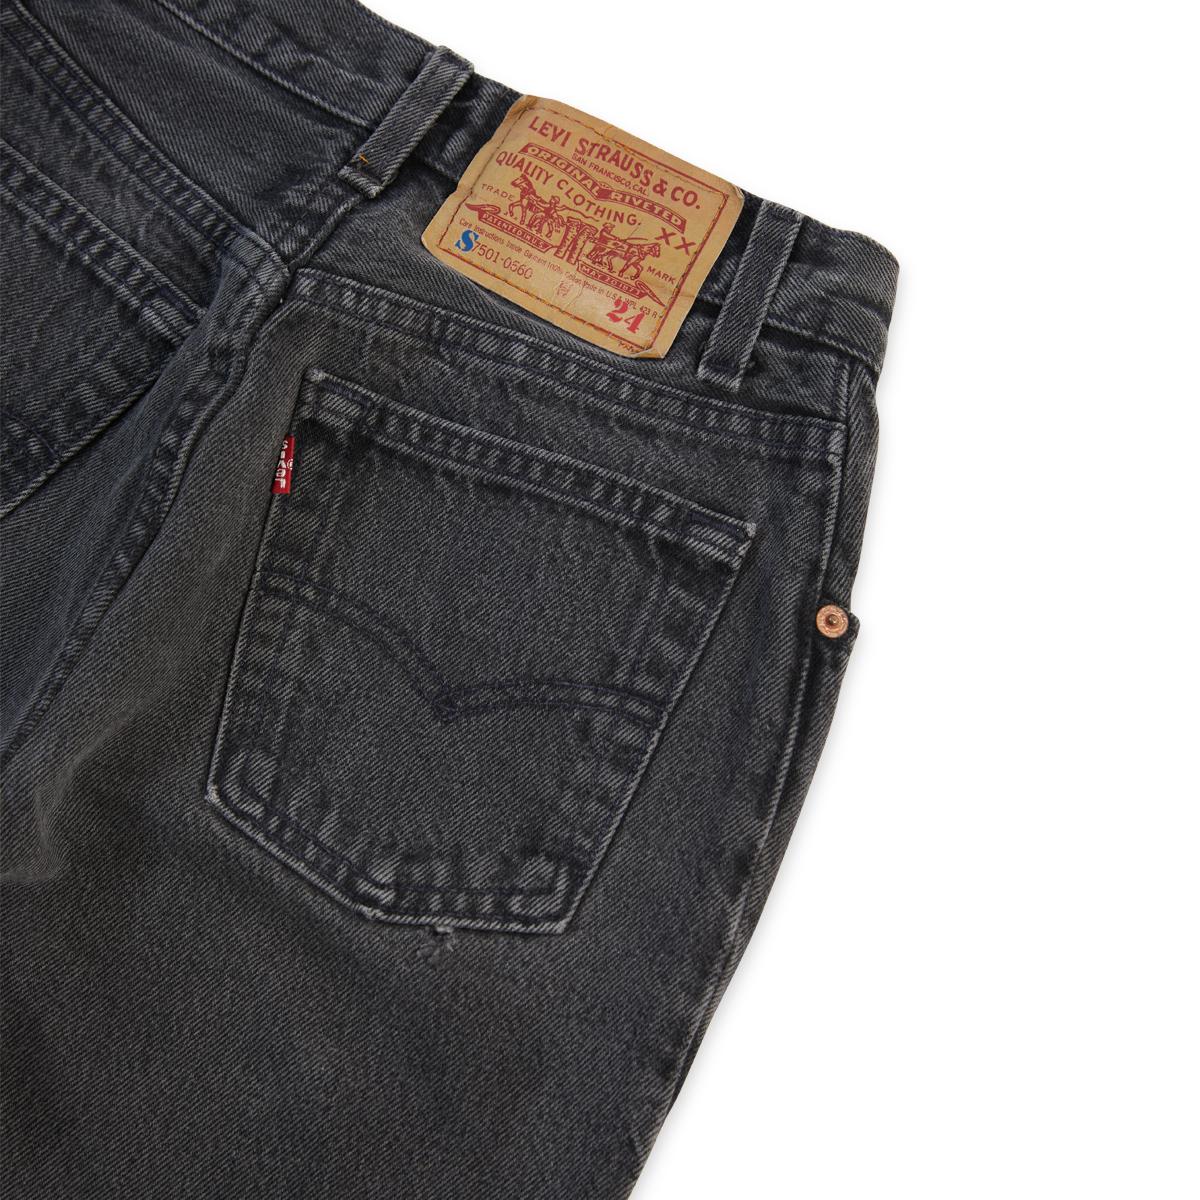 Levi's Vintage 501 Skinny - Size 24